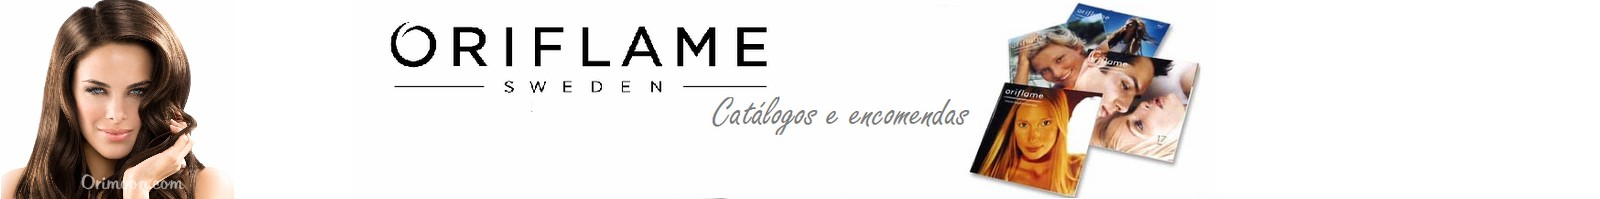 Catalogos Oriflame Online